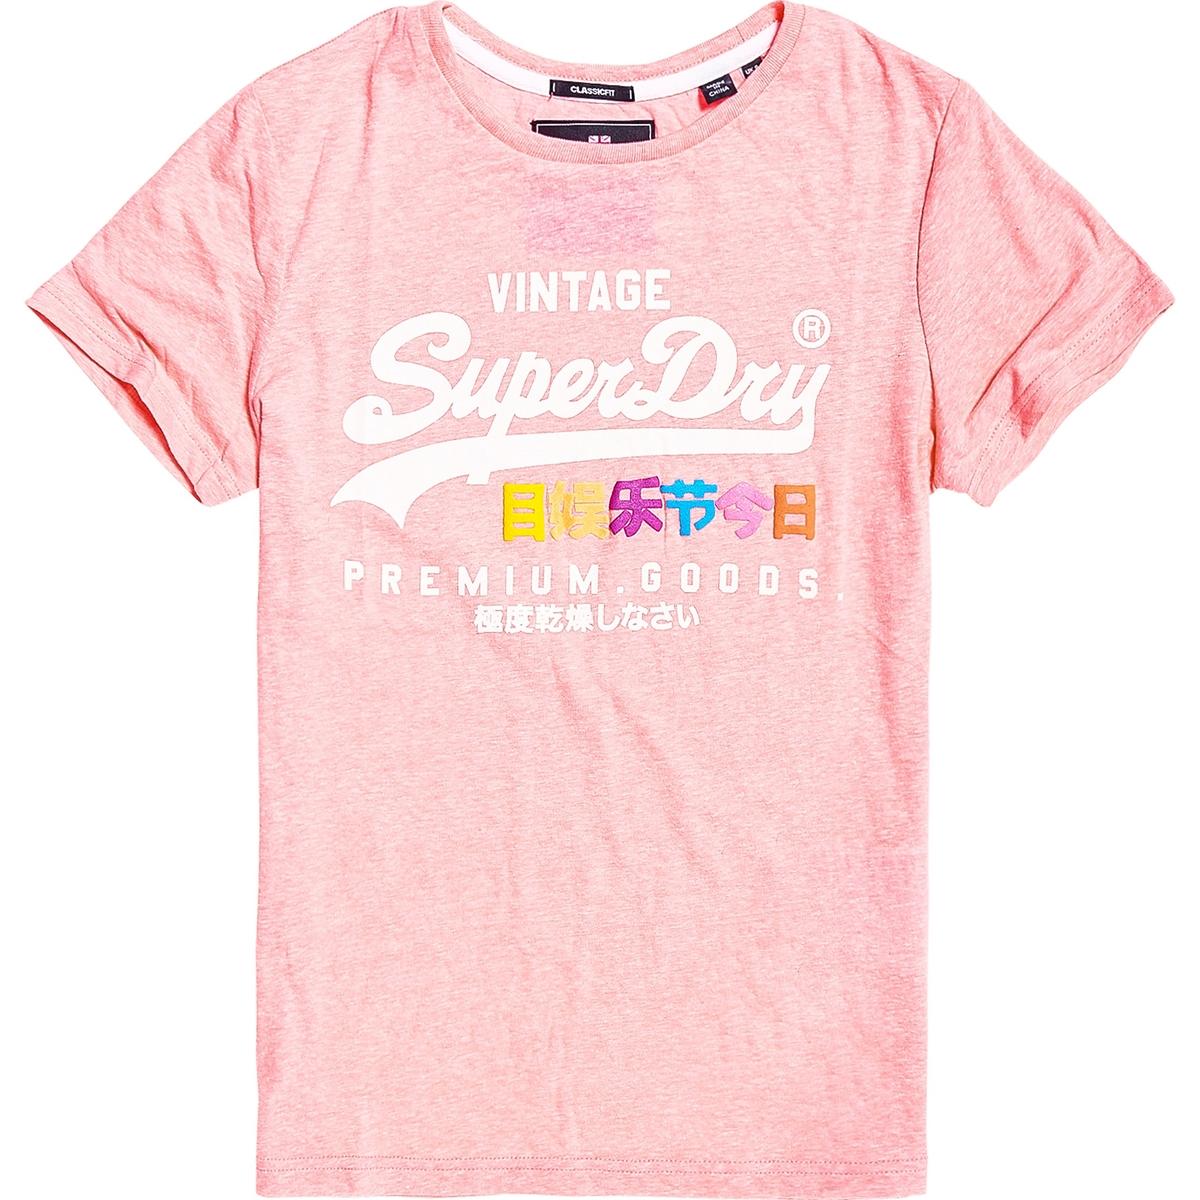 Camiseta de manga corta Premium Goods Puff